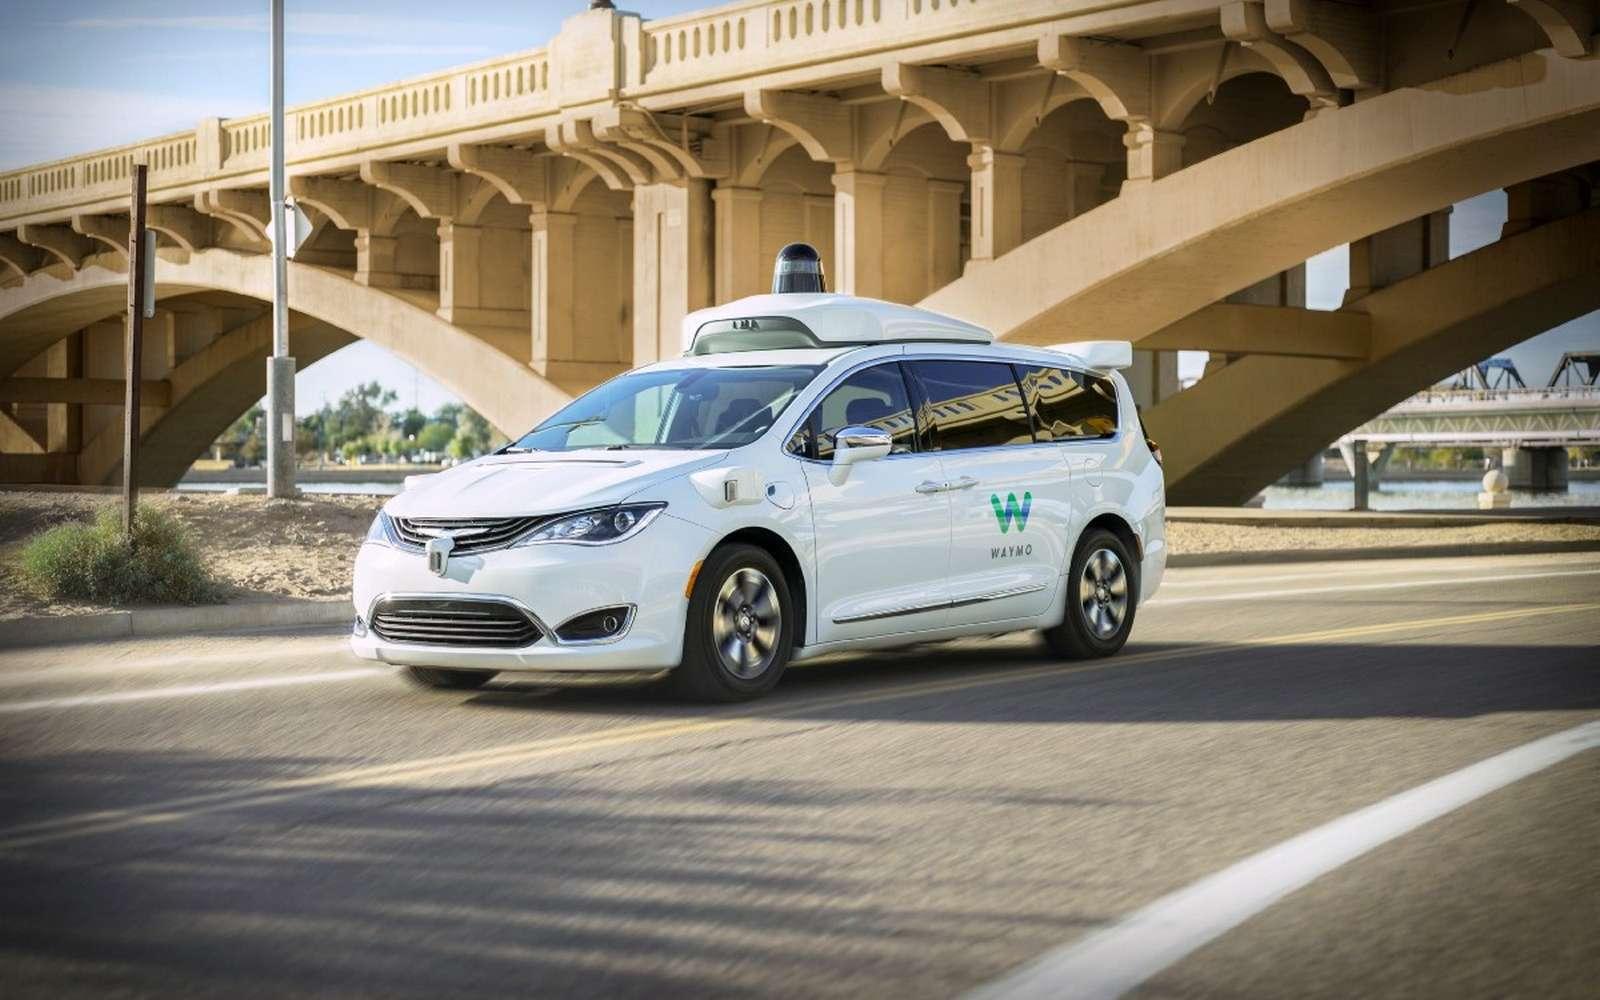 Avec sa voiture autonome et son service de taxis, Google tente une première mondiale. Waymo, la filiale d'Alphabet, a conclu un partenariat avec le groupe automobile Fiat Chrysler pour développer sa technologie de conduite autonome à partir de monospaces Chrysler Pacifica Hybrid. © Waymo